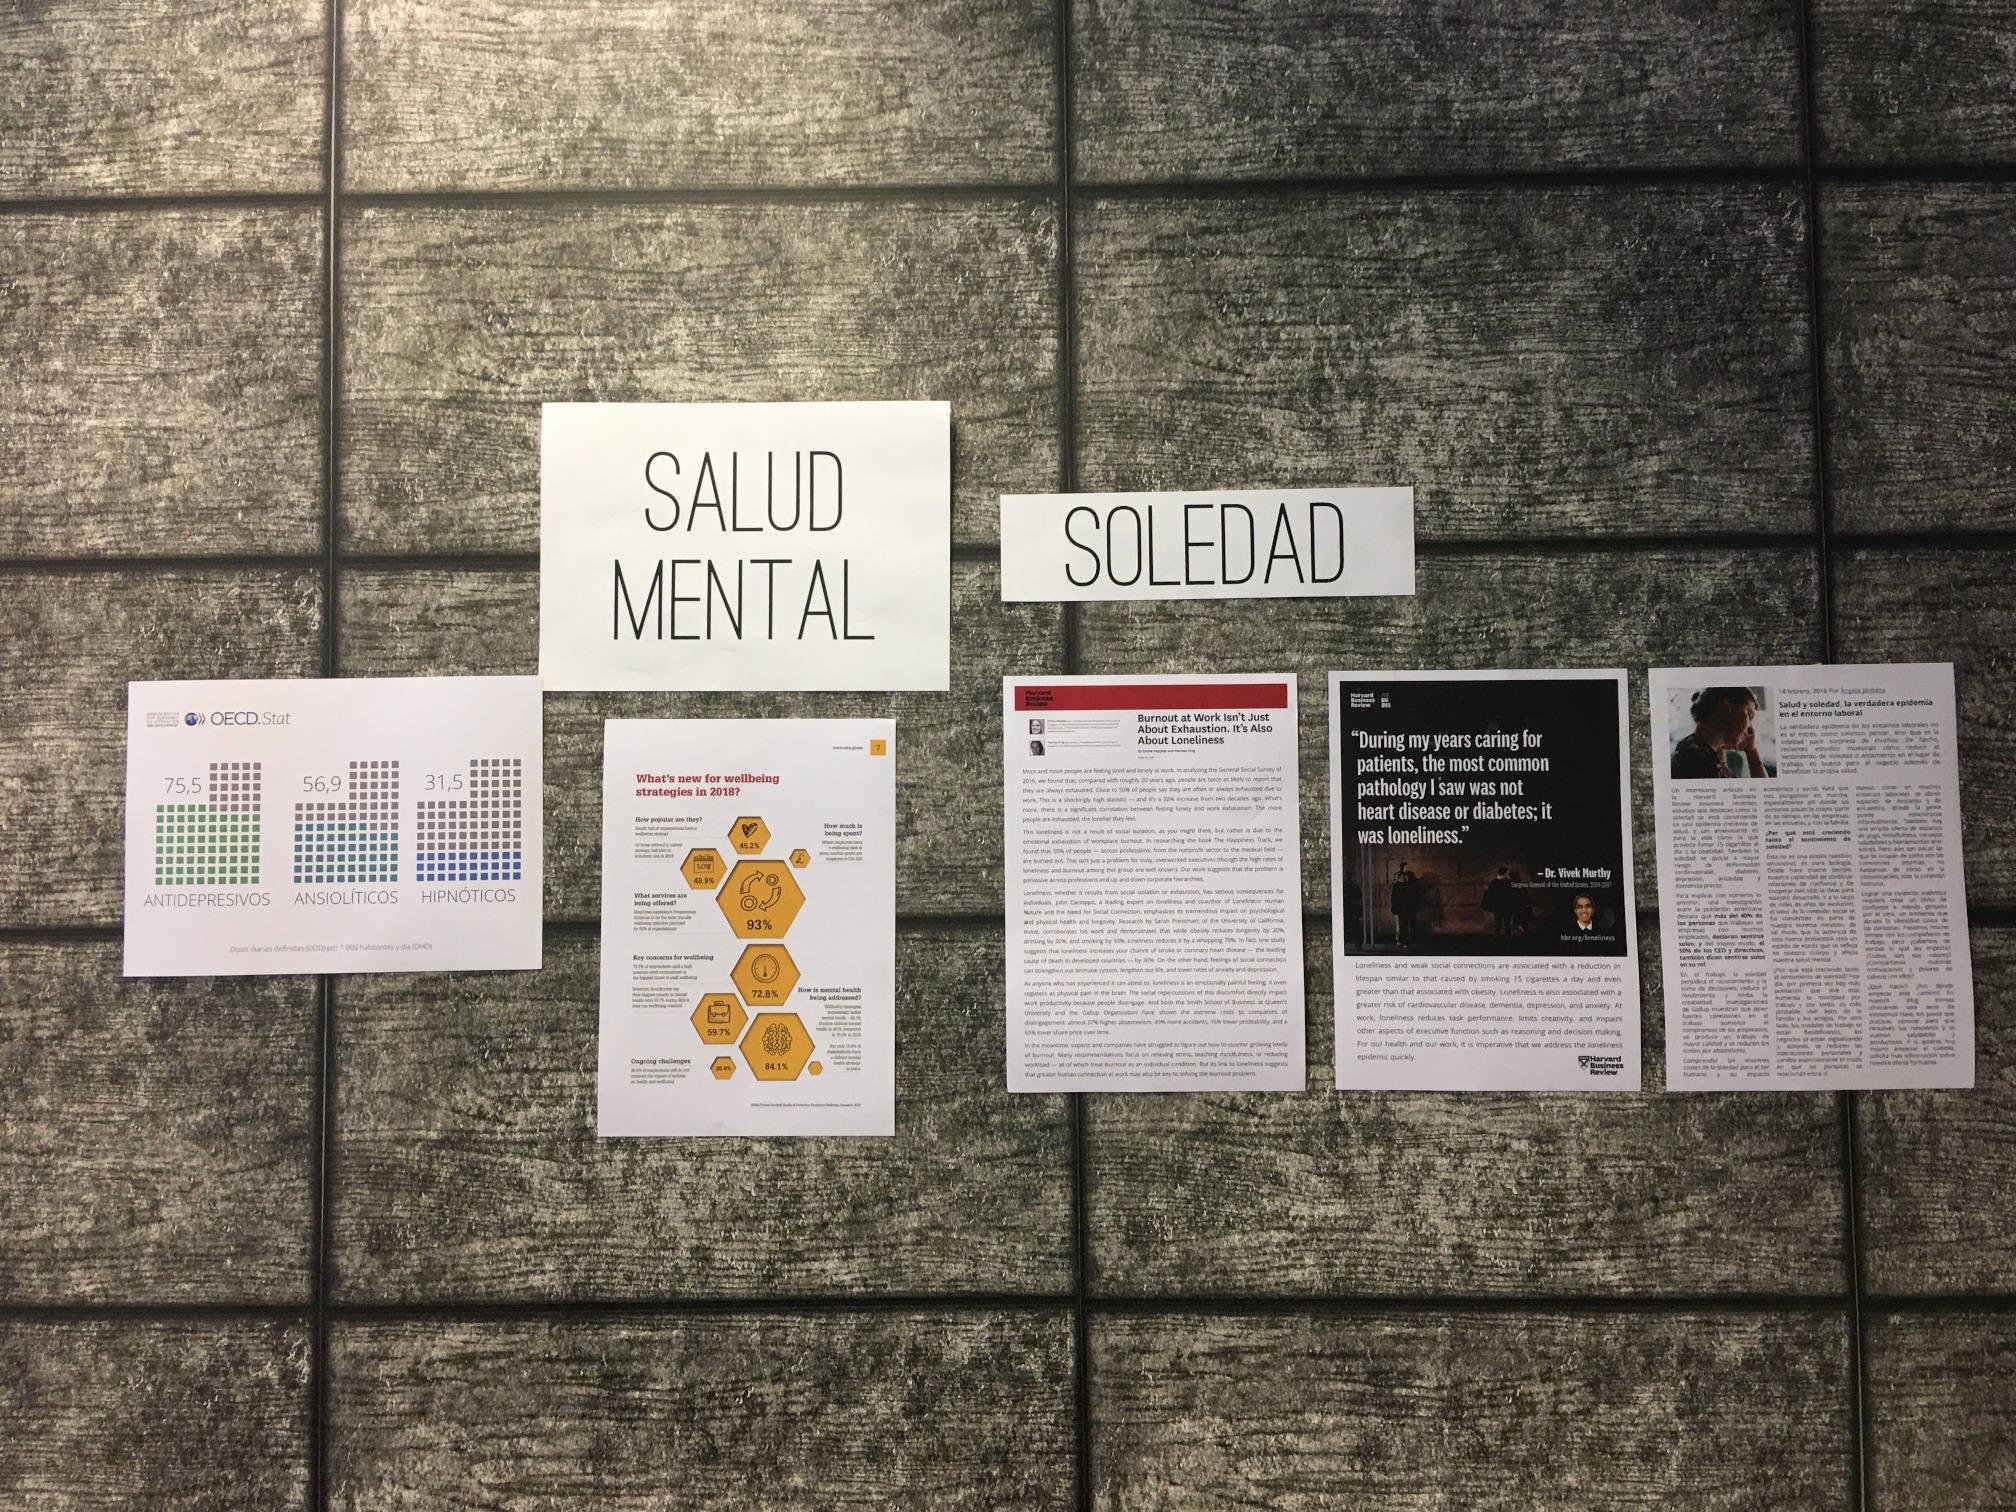 Información para concienciar a los asistentes del workshop Lifecourse Experience en ESADECREAPOLIS sobre el estado de la salud mental y la soledad en el trabajo